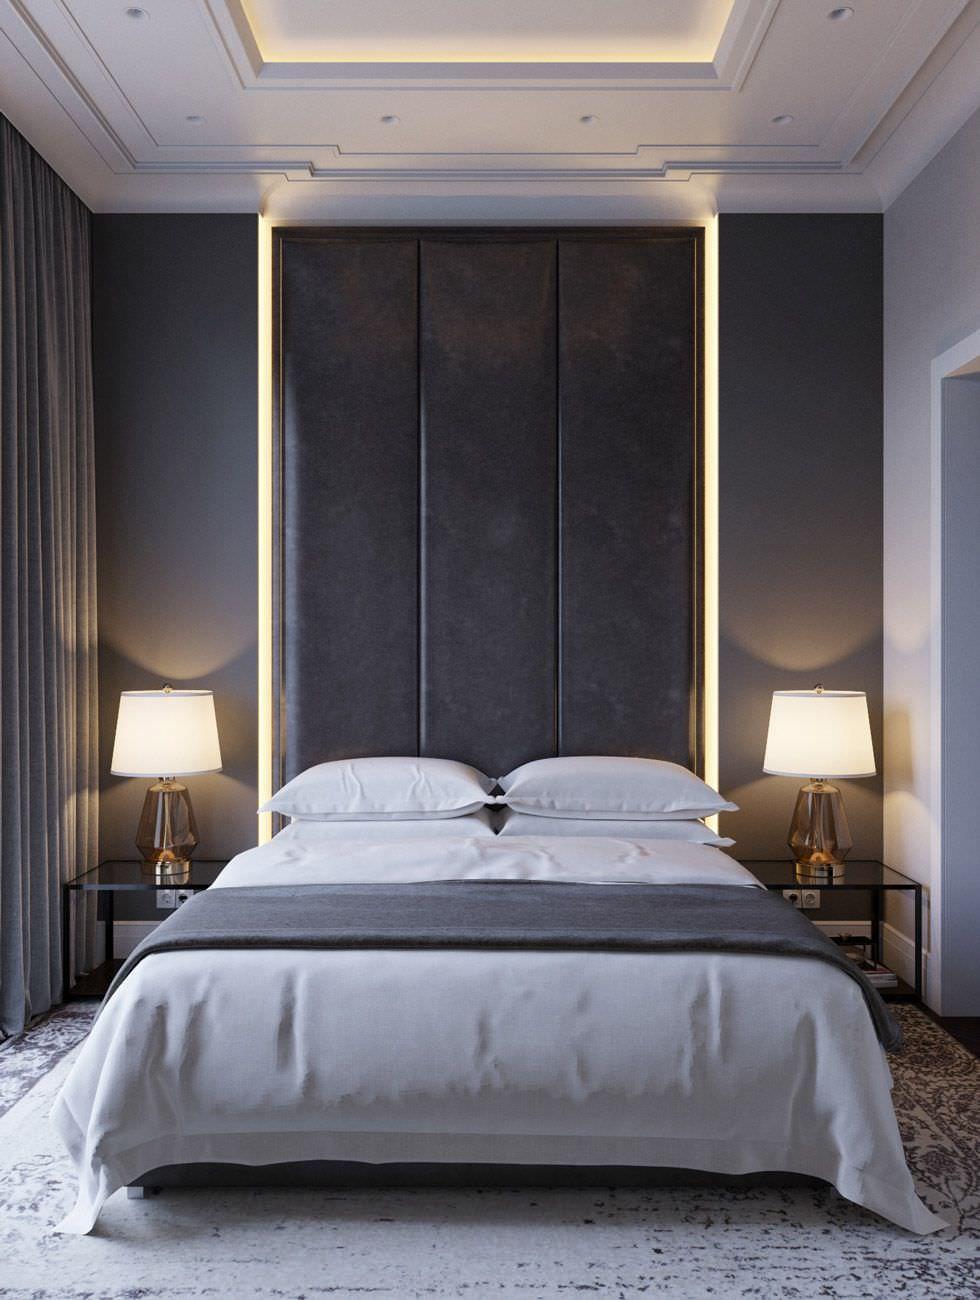 Camere Da Letto Moderne Con Led.100 Idee Camere Da Letto Moderne Stile E Design Per Un